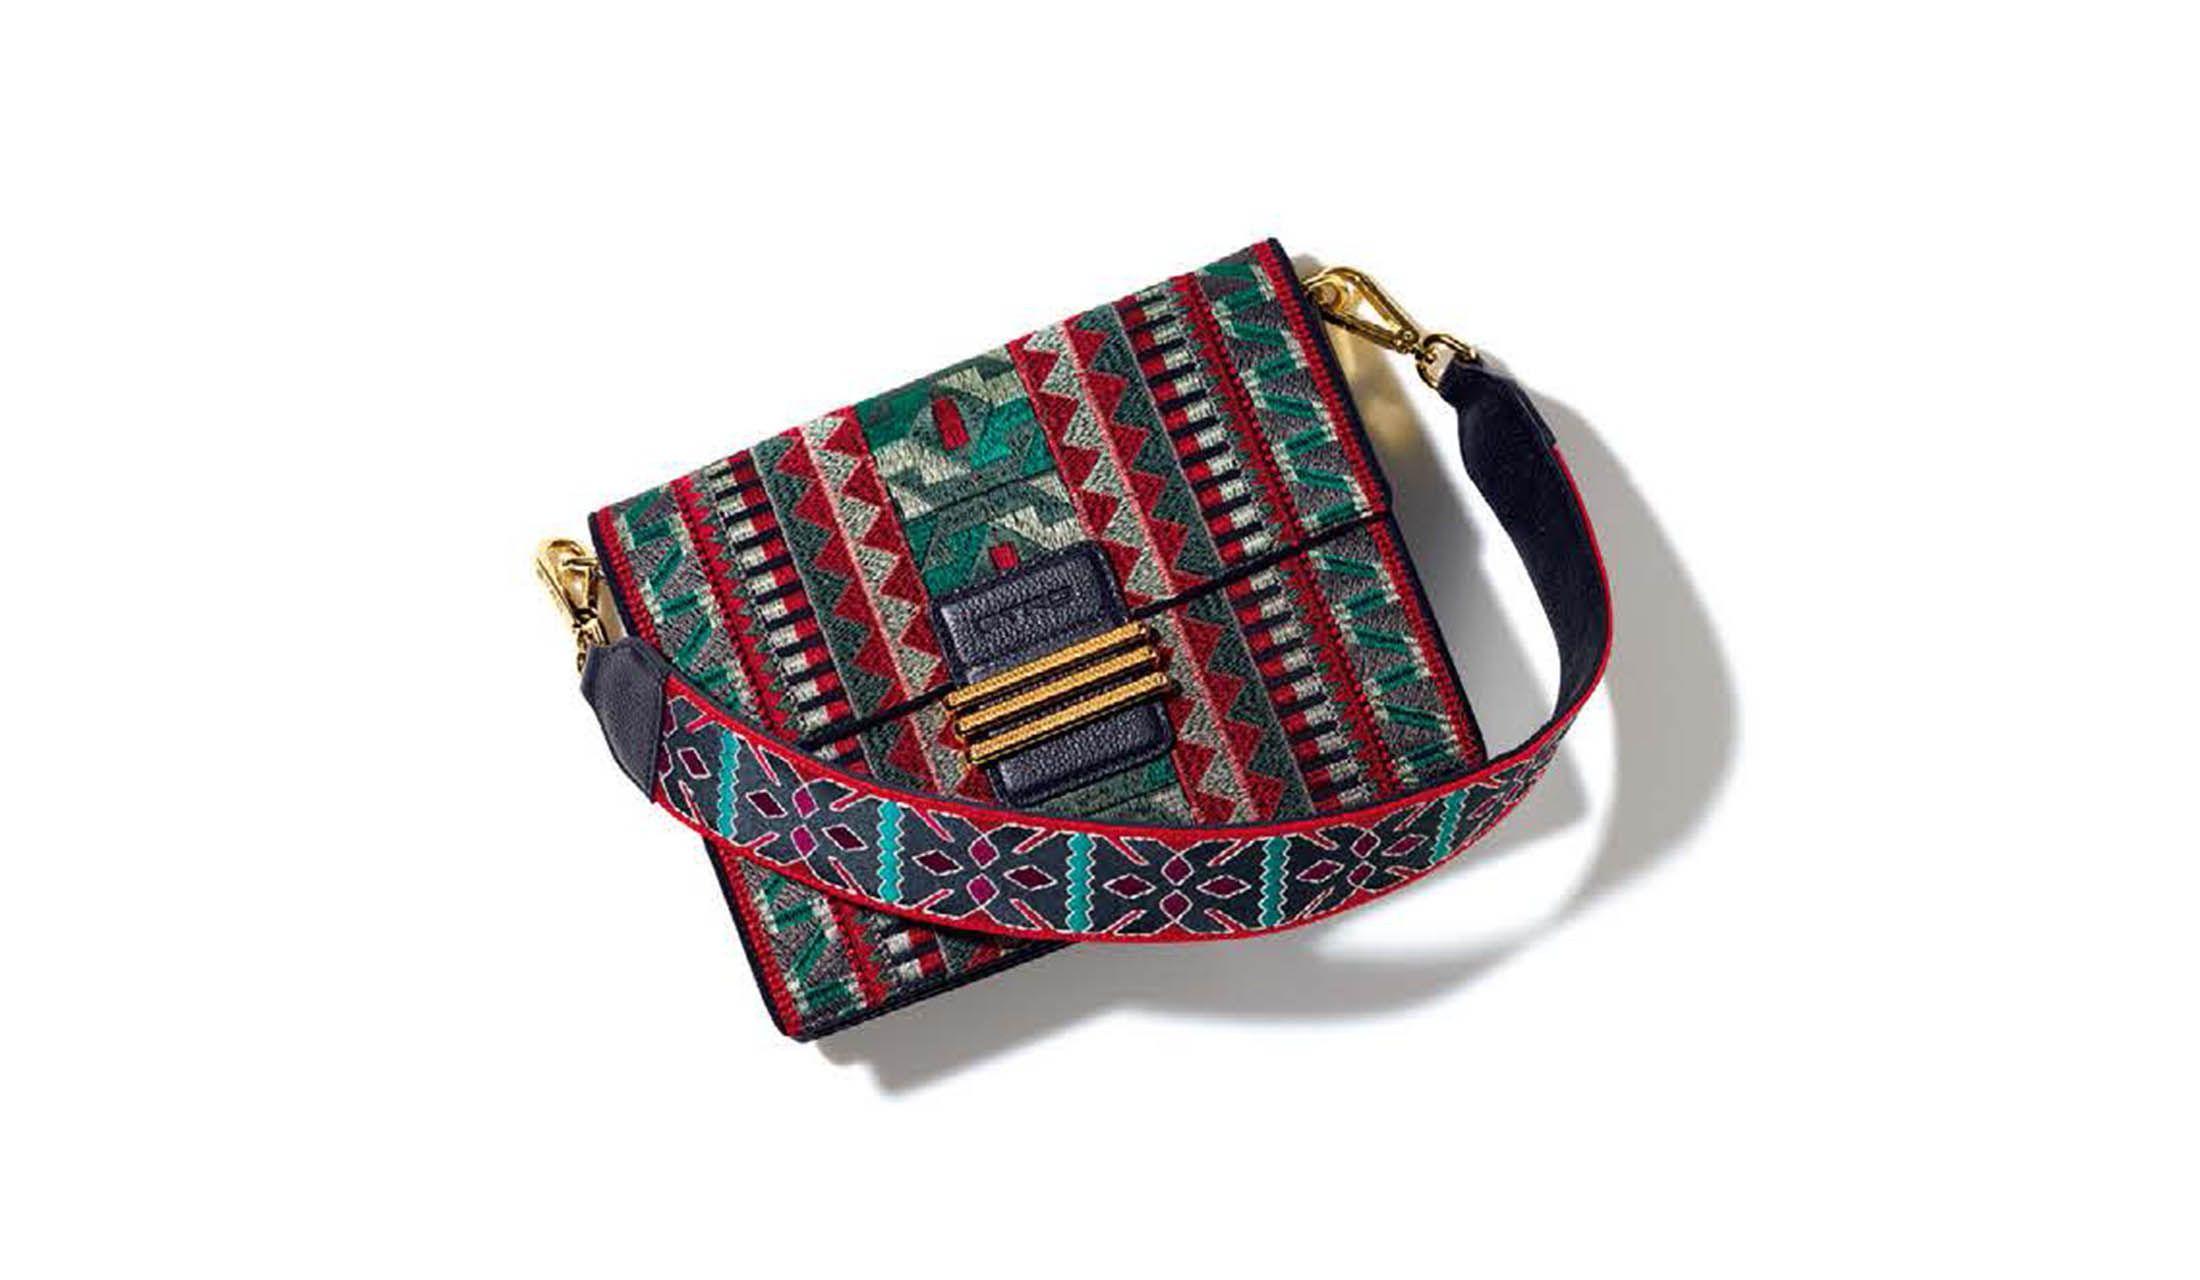 エトロのバッグ「レインボーバッグ」